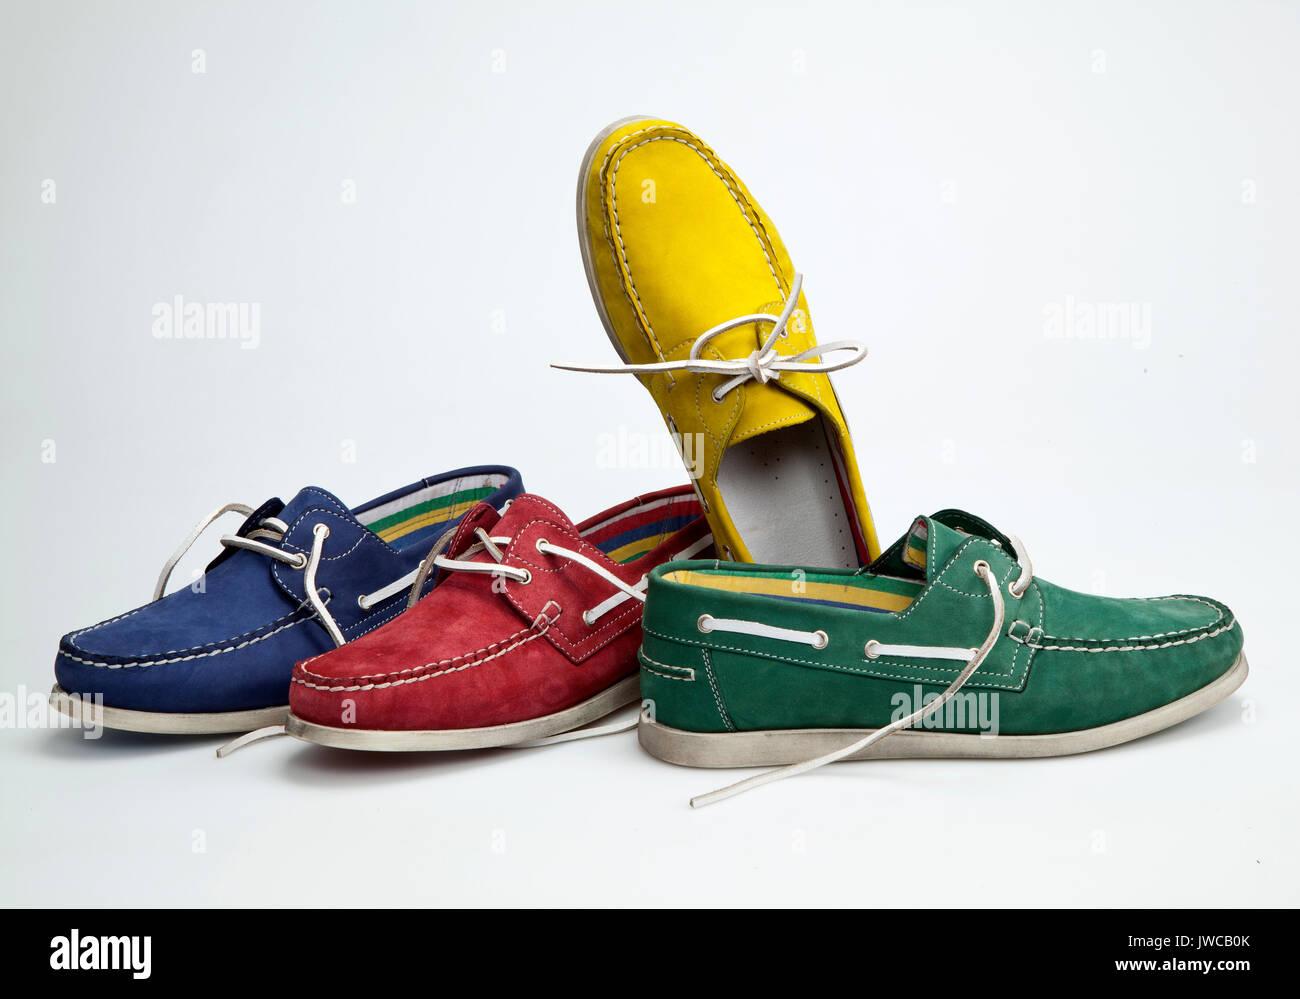 bb7c95a1c09c1 Fashion Shoes Unisex Photos   Fashion Shoes Unisex Images - Alamy